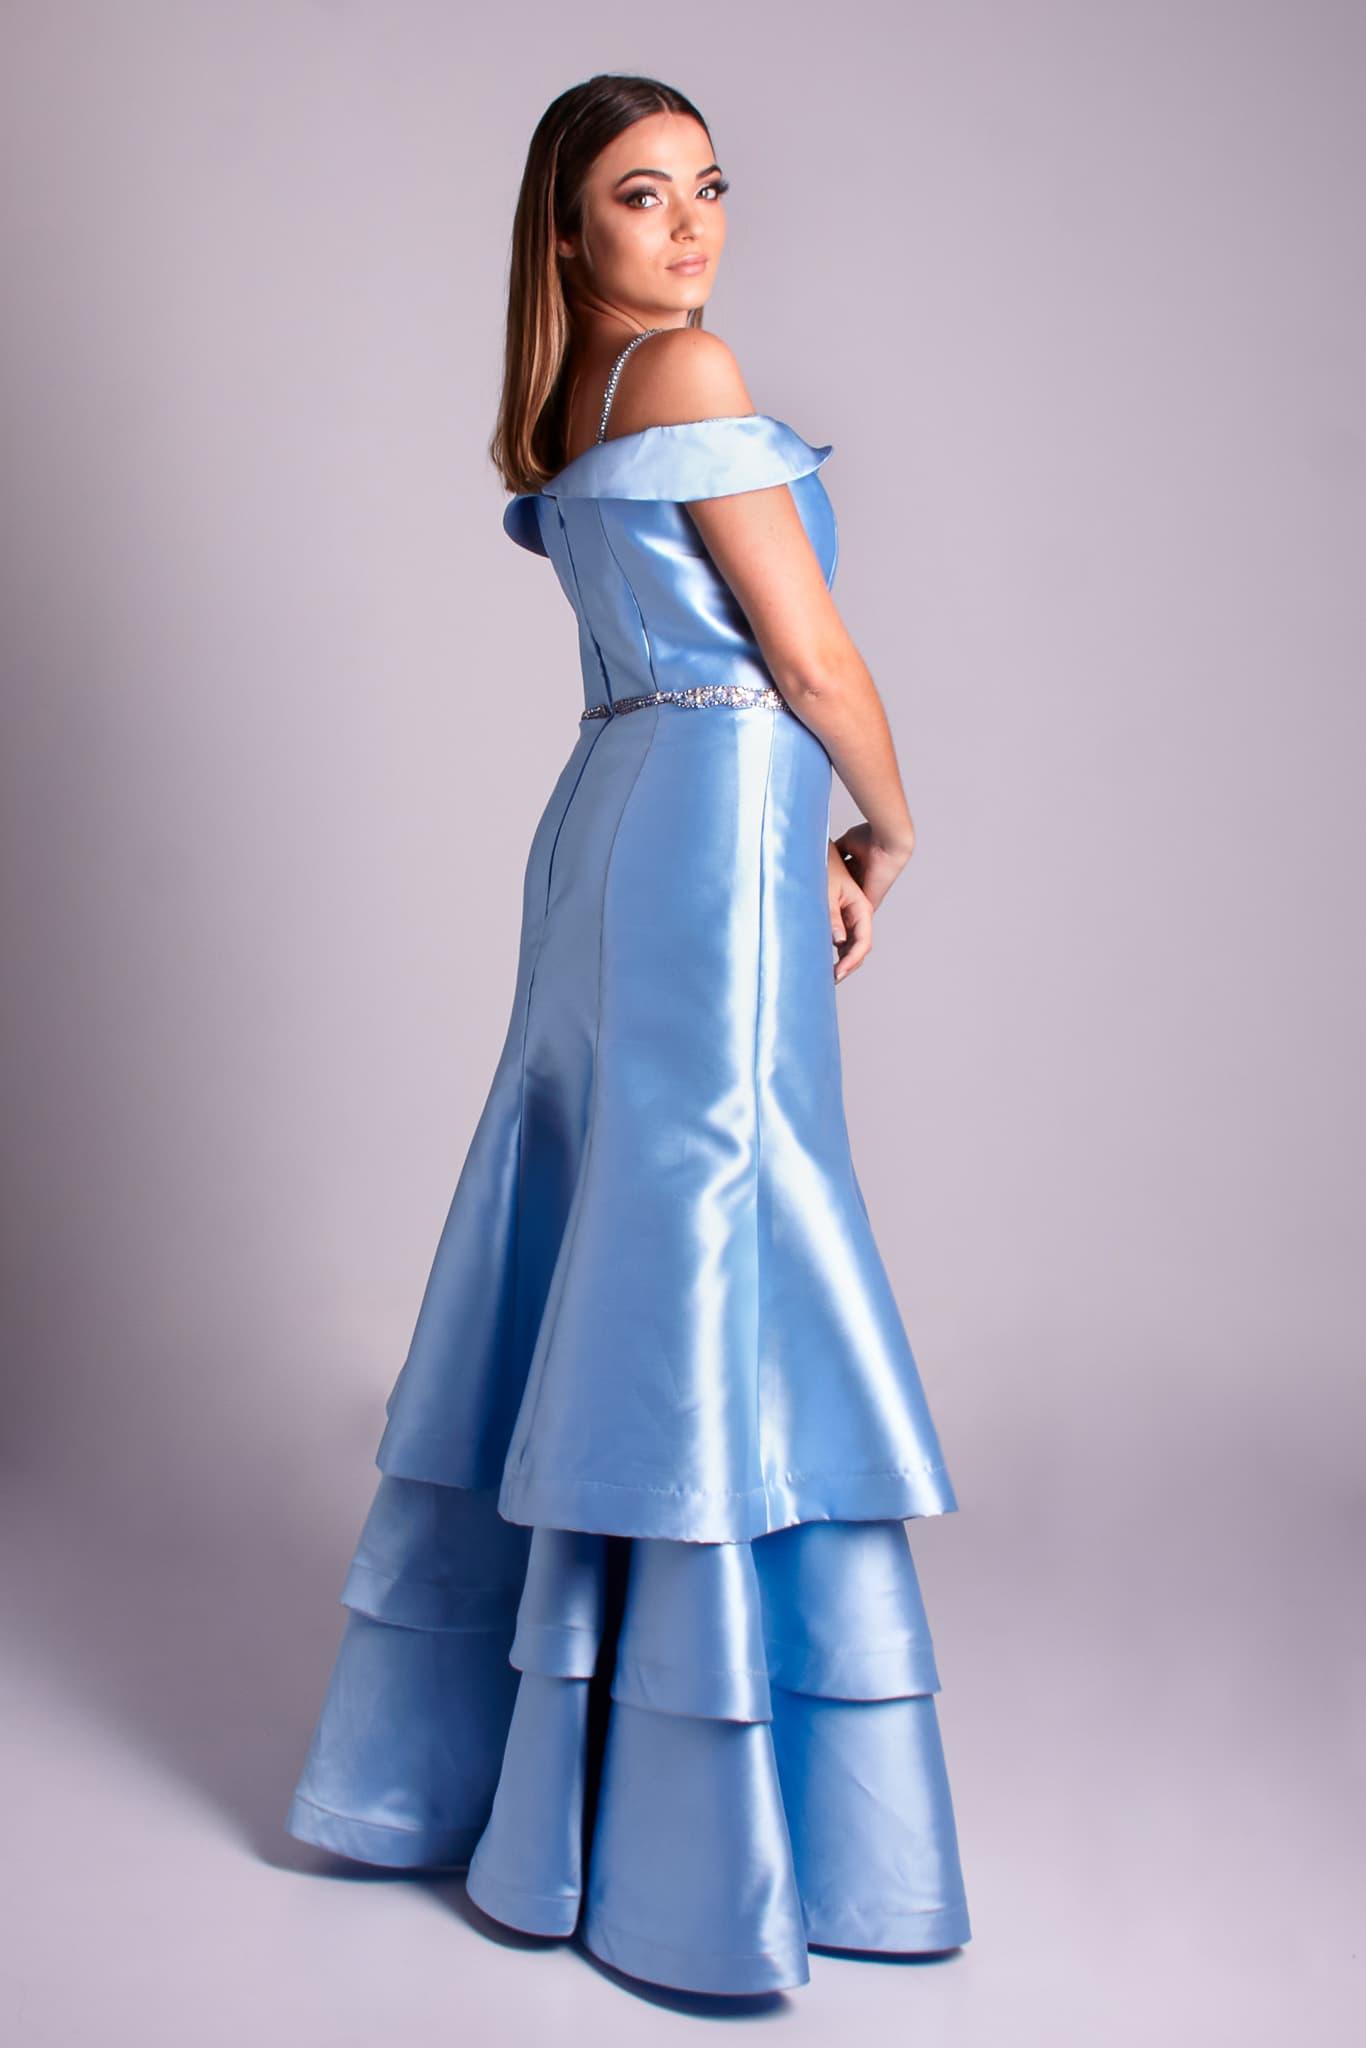 47 - vestido ombro a ombro azul serenity com saia em camadas